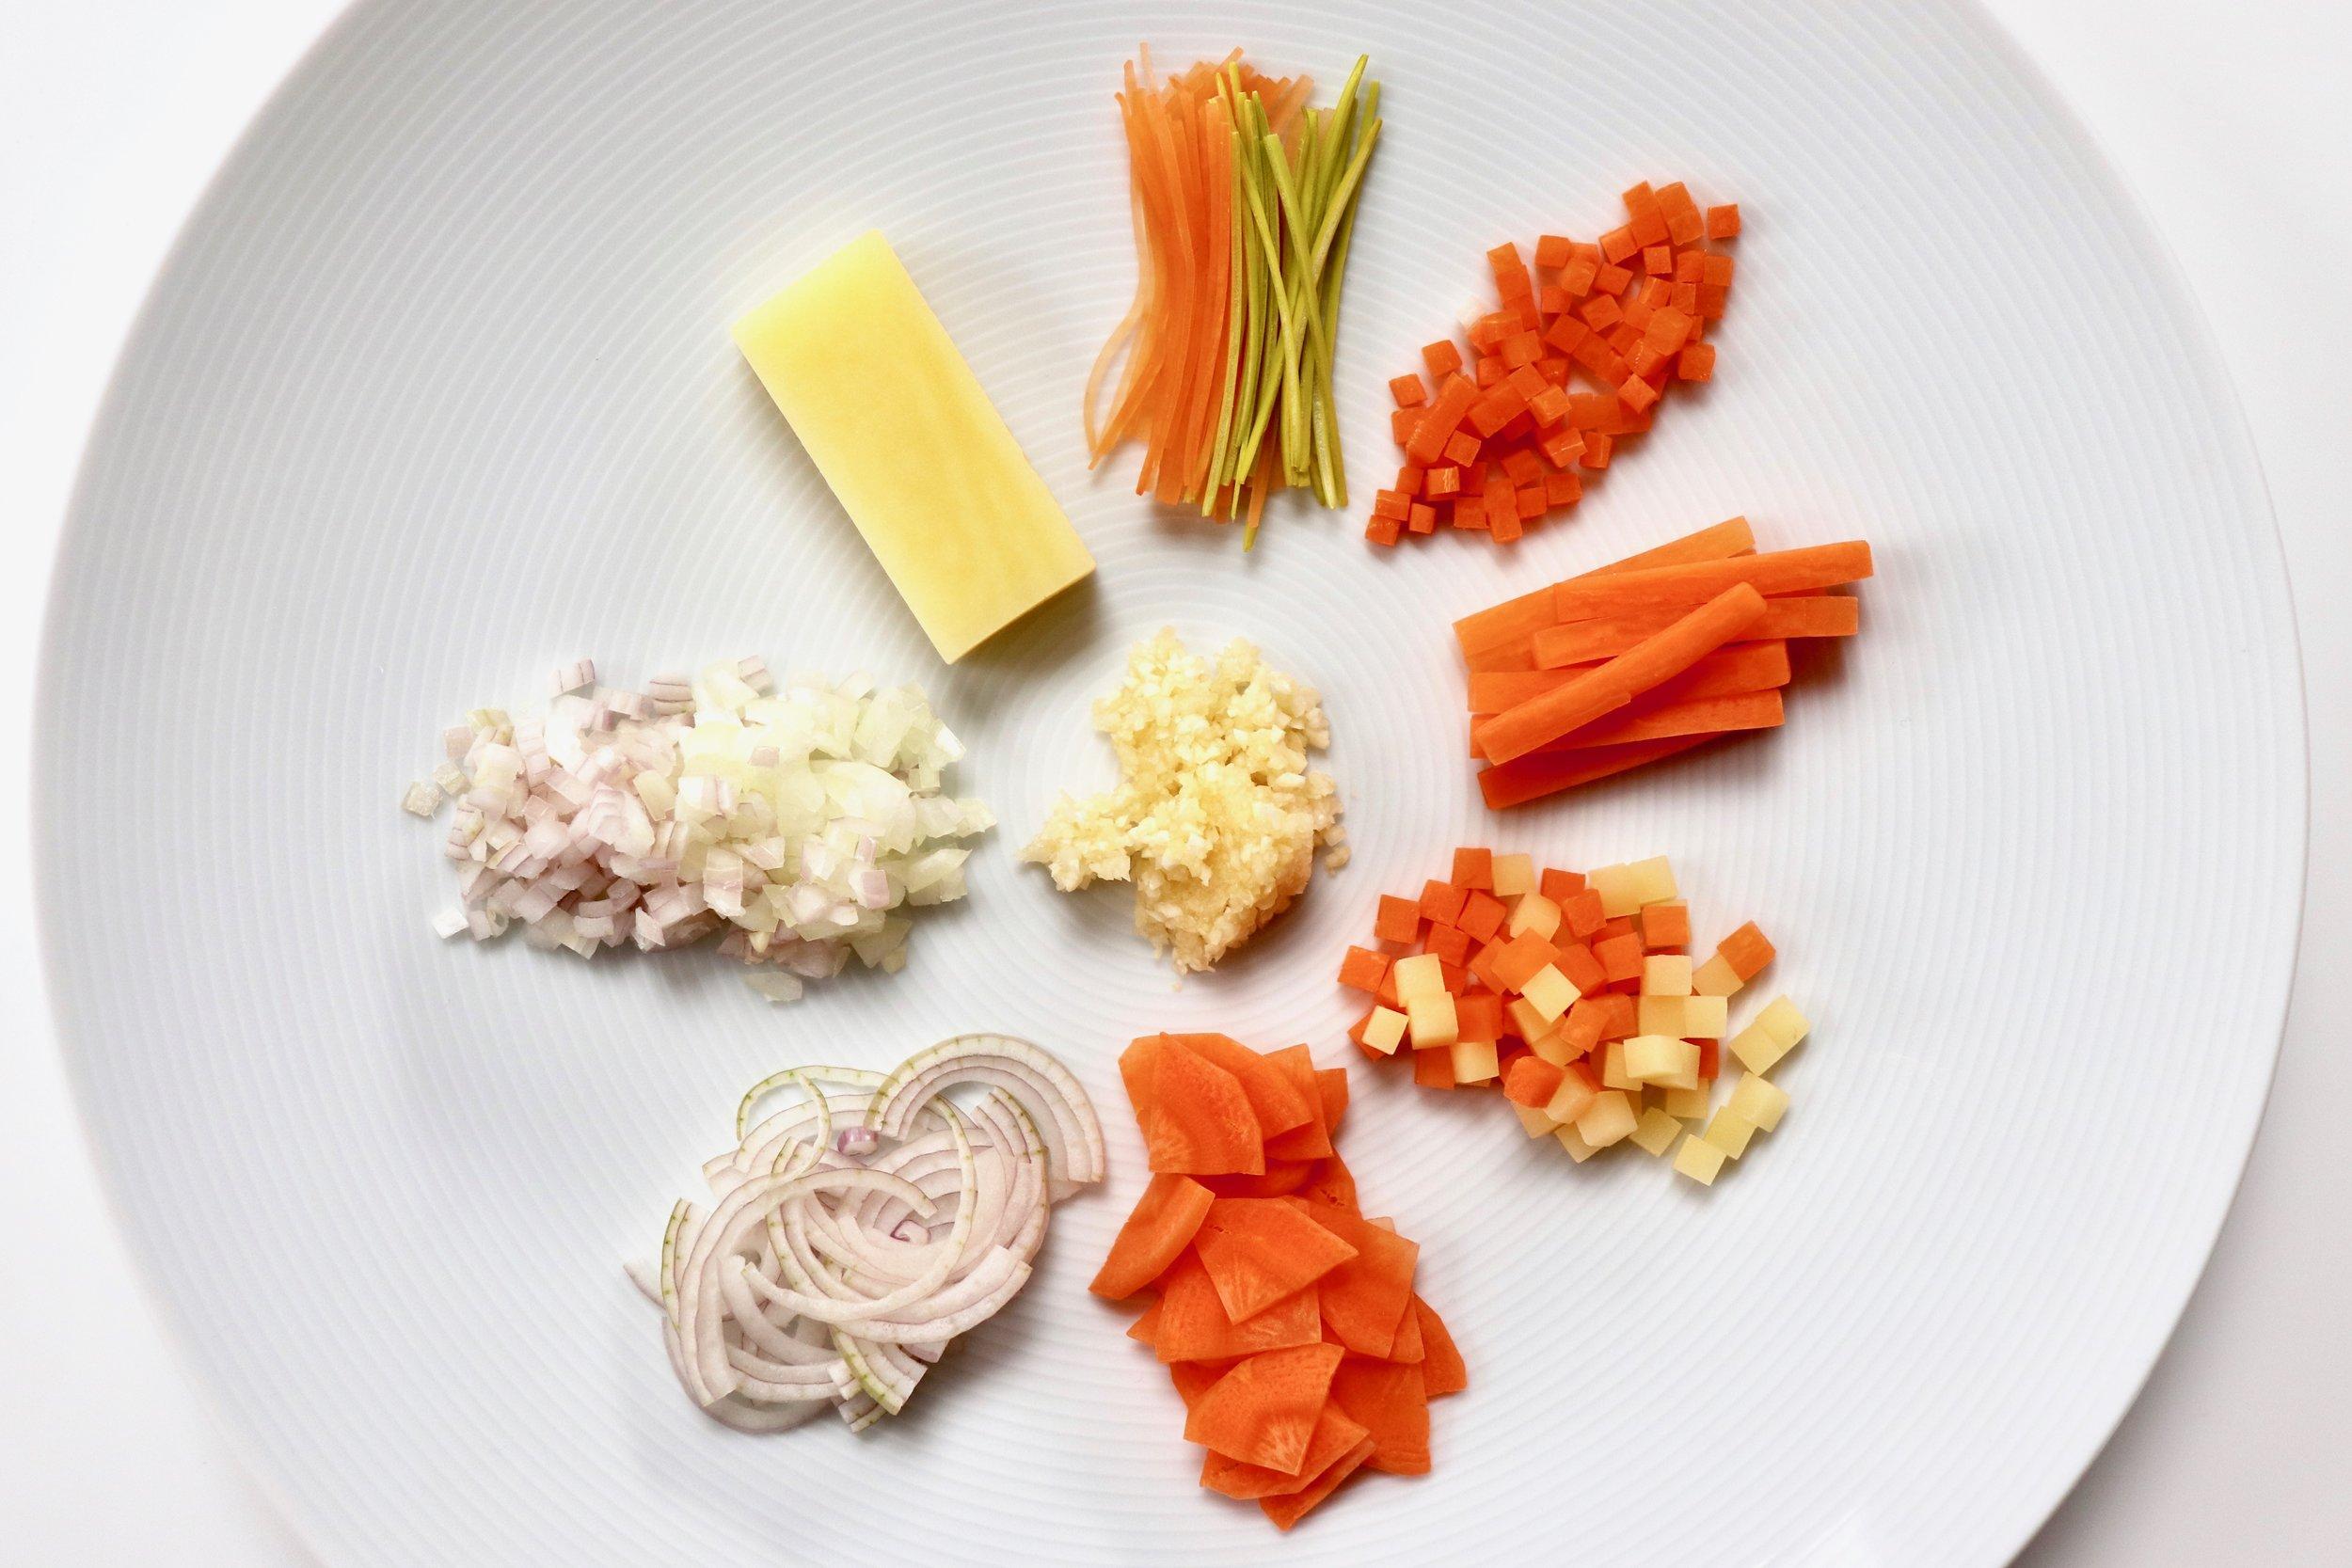 Classic vegetable cuts. Clockwise: Julienne, Brunoise, Bâtonnet, Macédoine, Paysanne, Émincé, Ciselé, Block. Centre: Haché